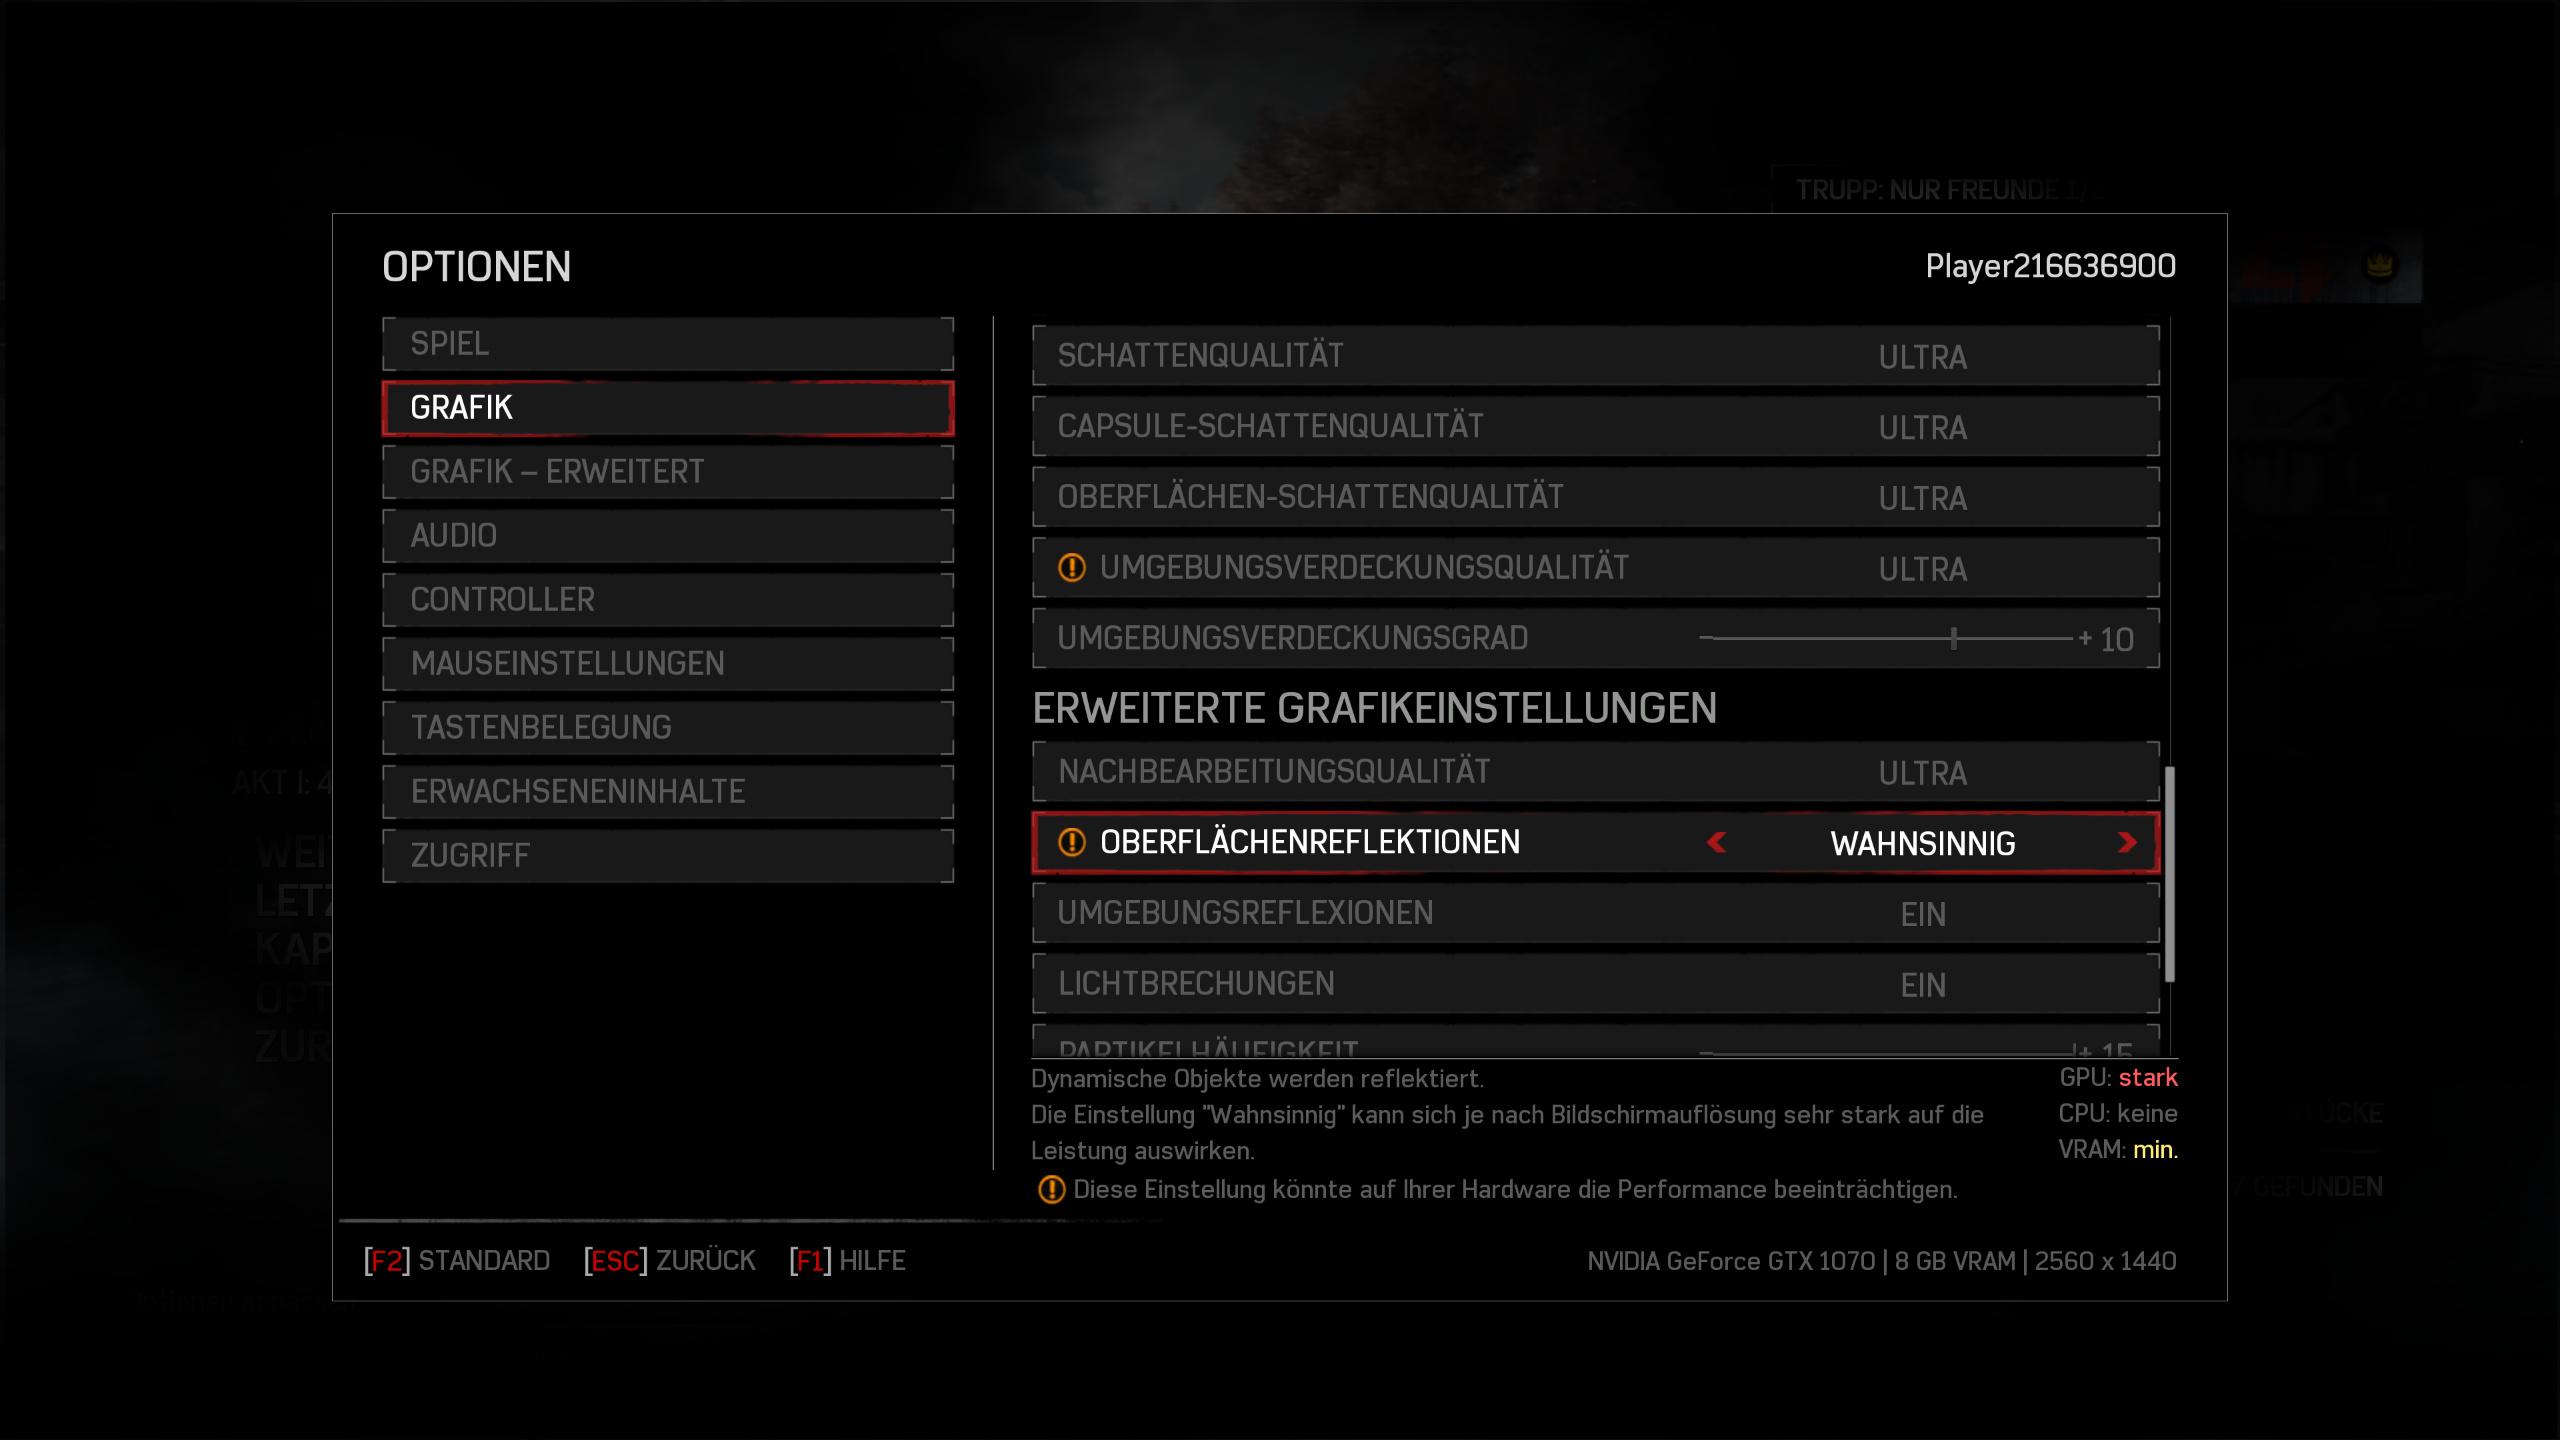 Gears of War 4 im Technik-Test: Wahnsinnig, diese PC-Version - Wahnsinnige Reflektionen sehen kaum besser aus (Screenshot: Golem.de)